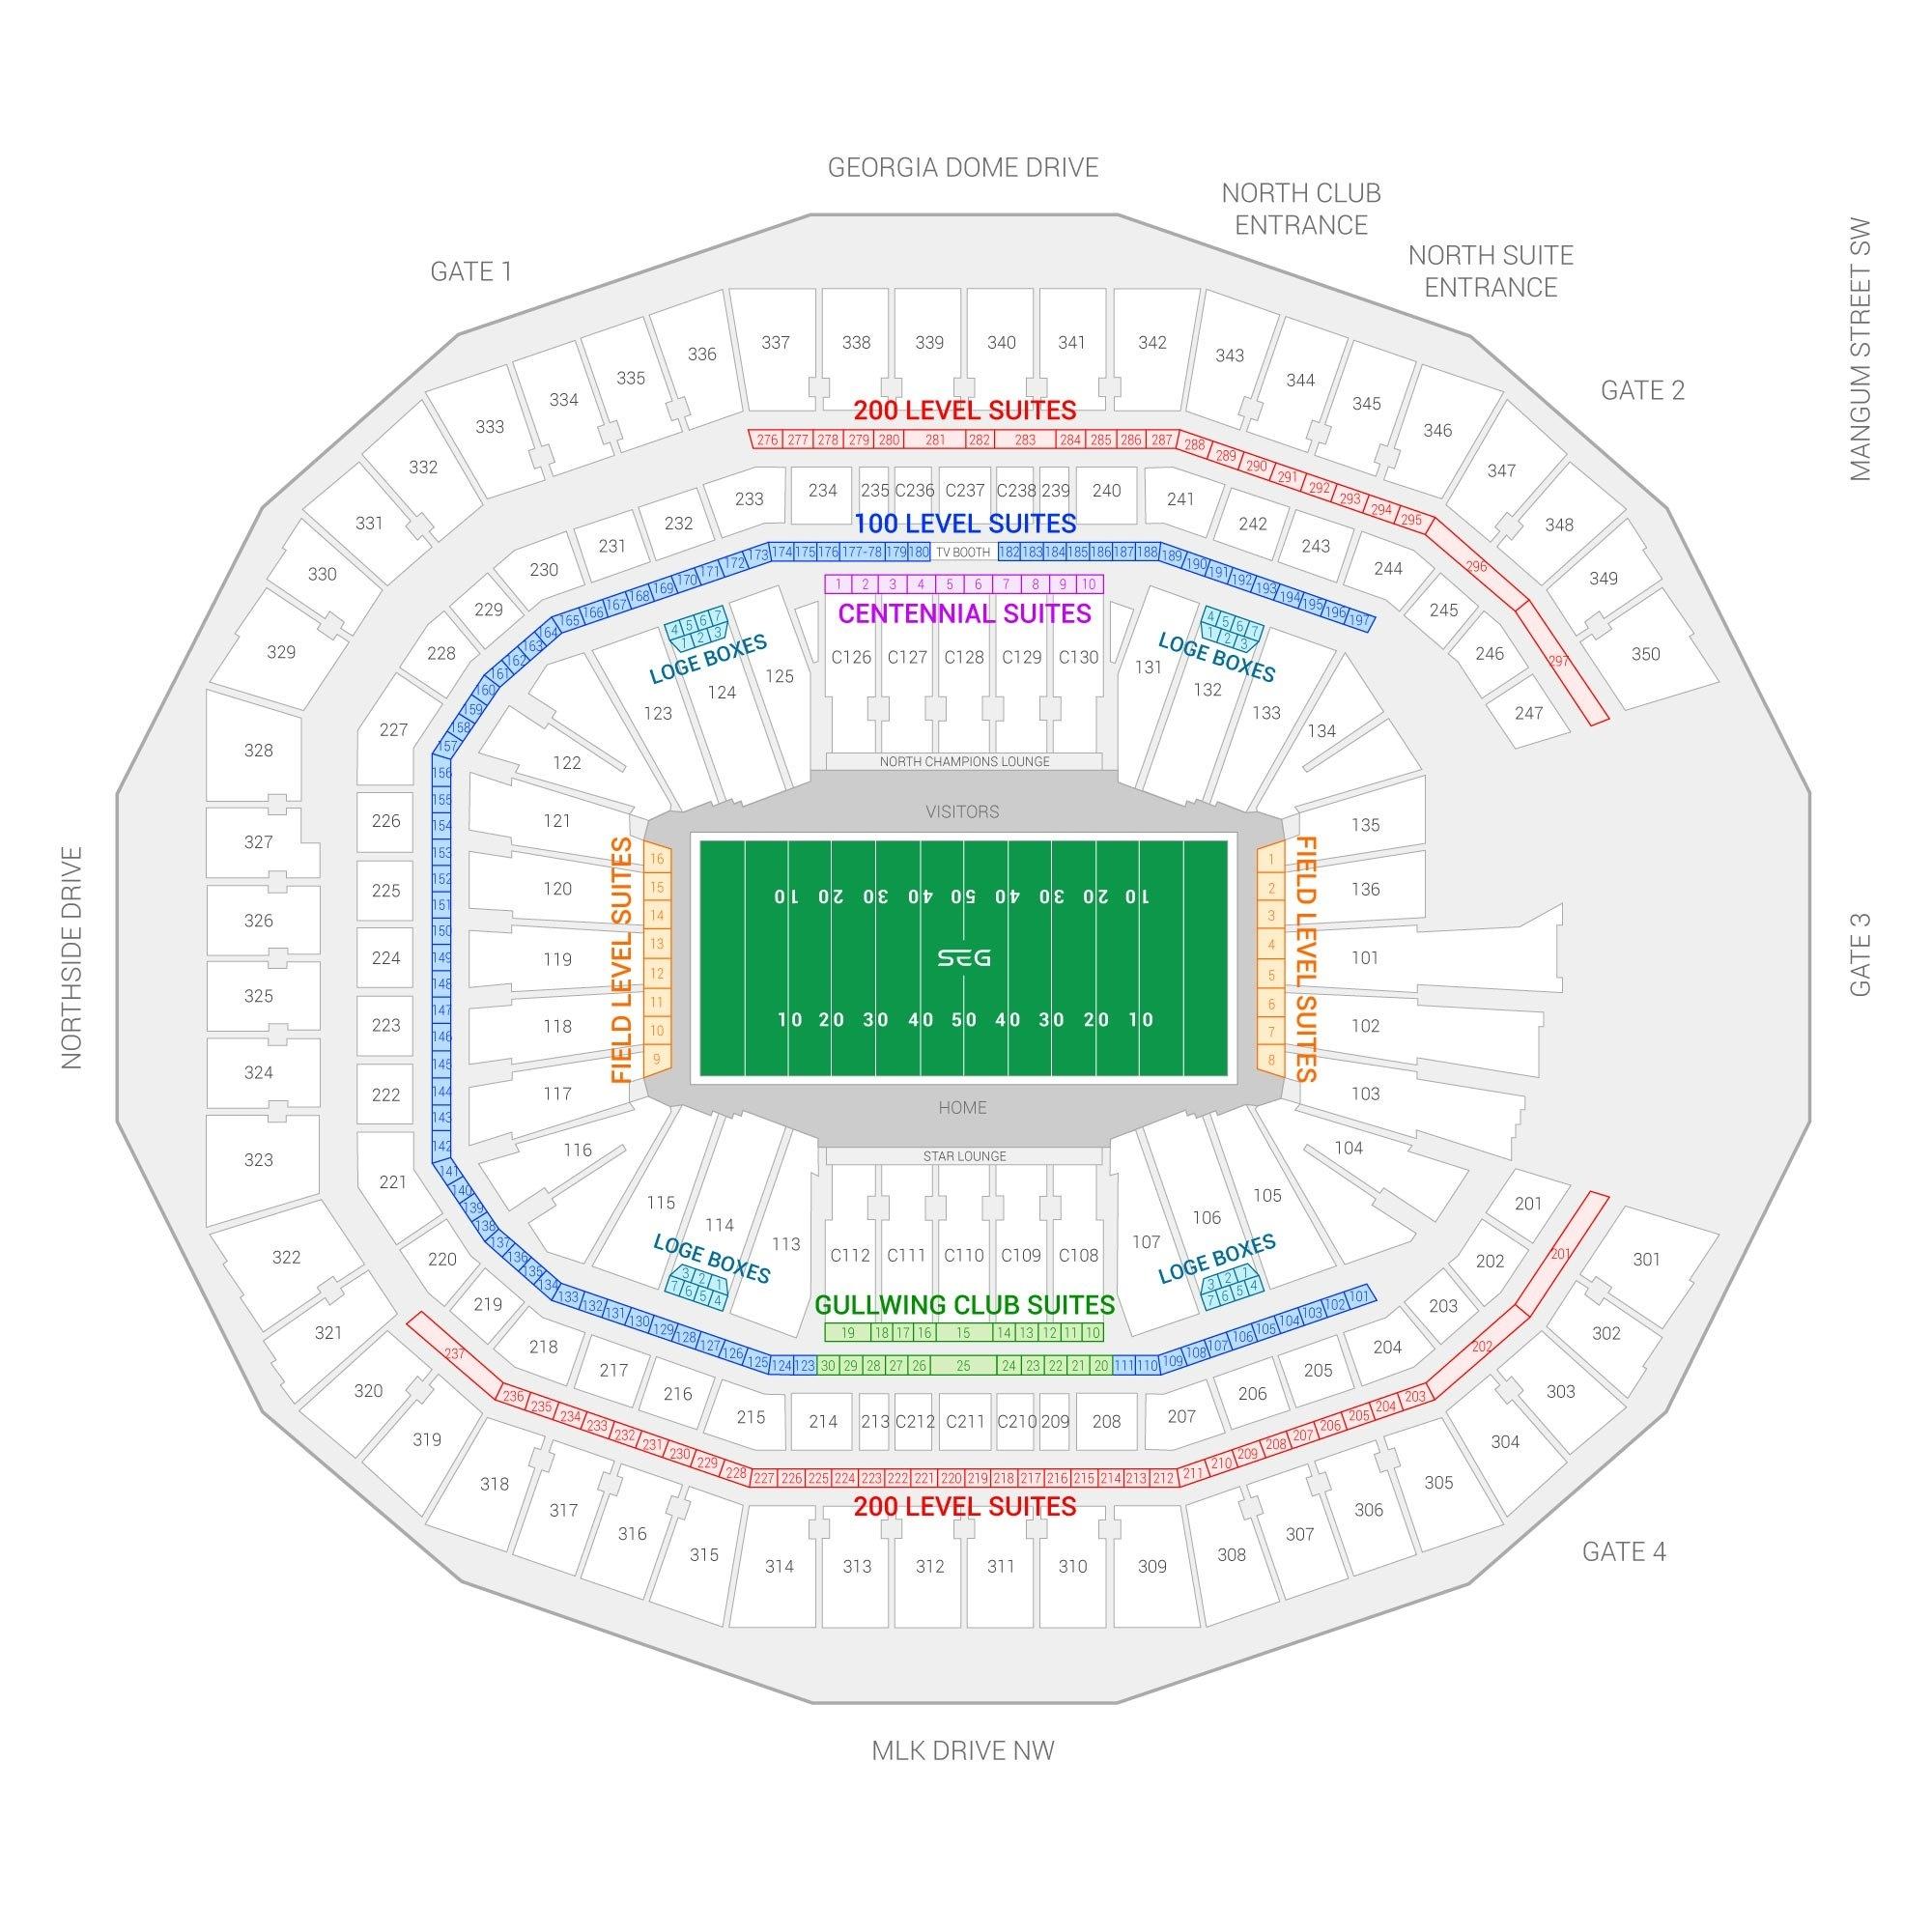 Super Bowl Liii Suite Rentals   Mercedes-Benz Stadium regarding Super Bowl 2019 Stadium Address